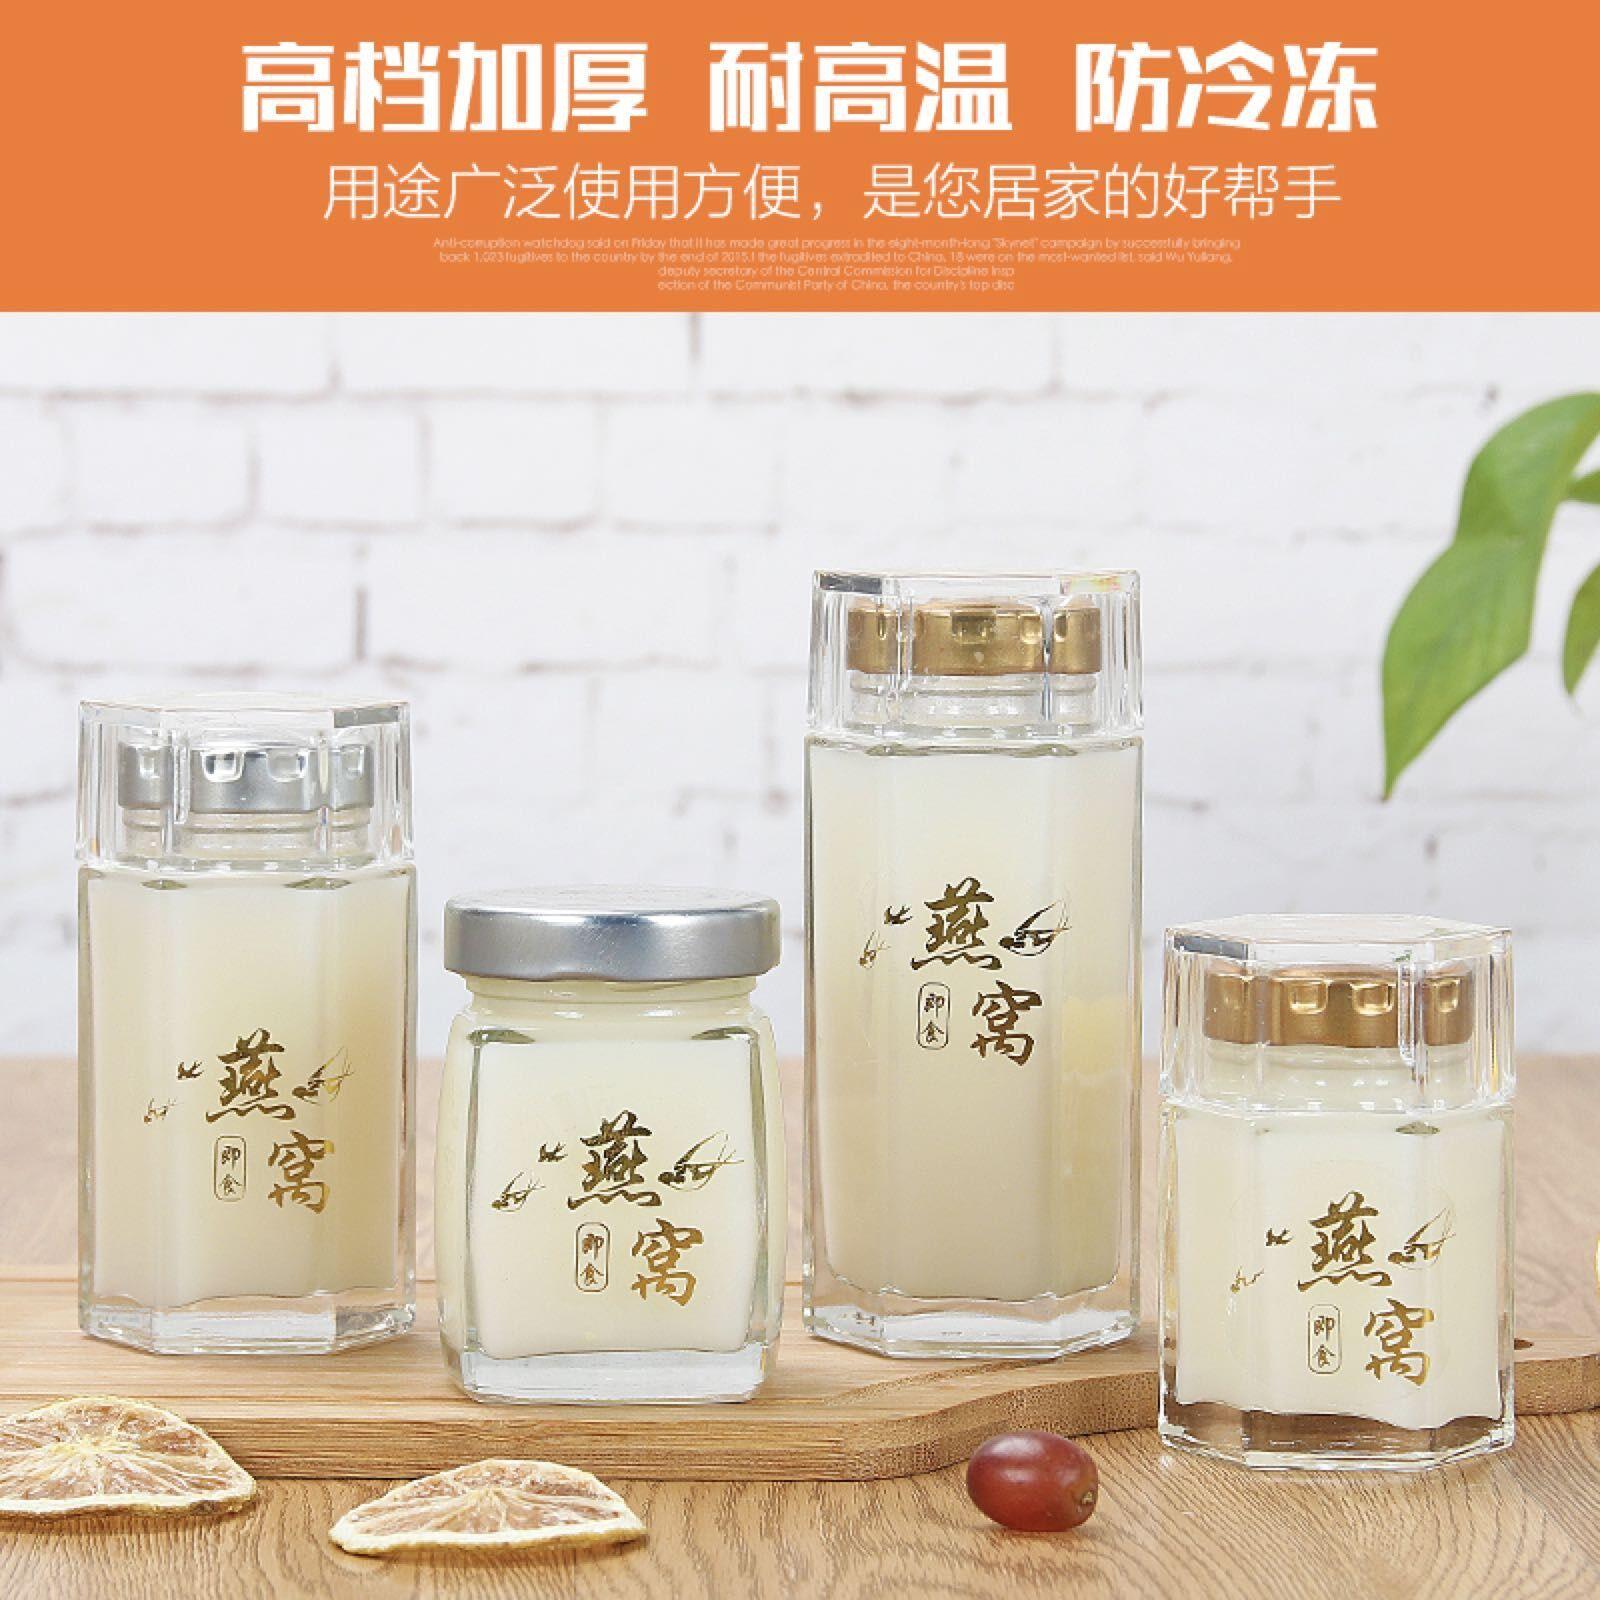 耐高温燕窝分装小瓶子密封高档家用带盖空玻璃瓶杯保存储藏罐透明